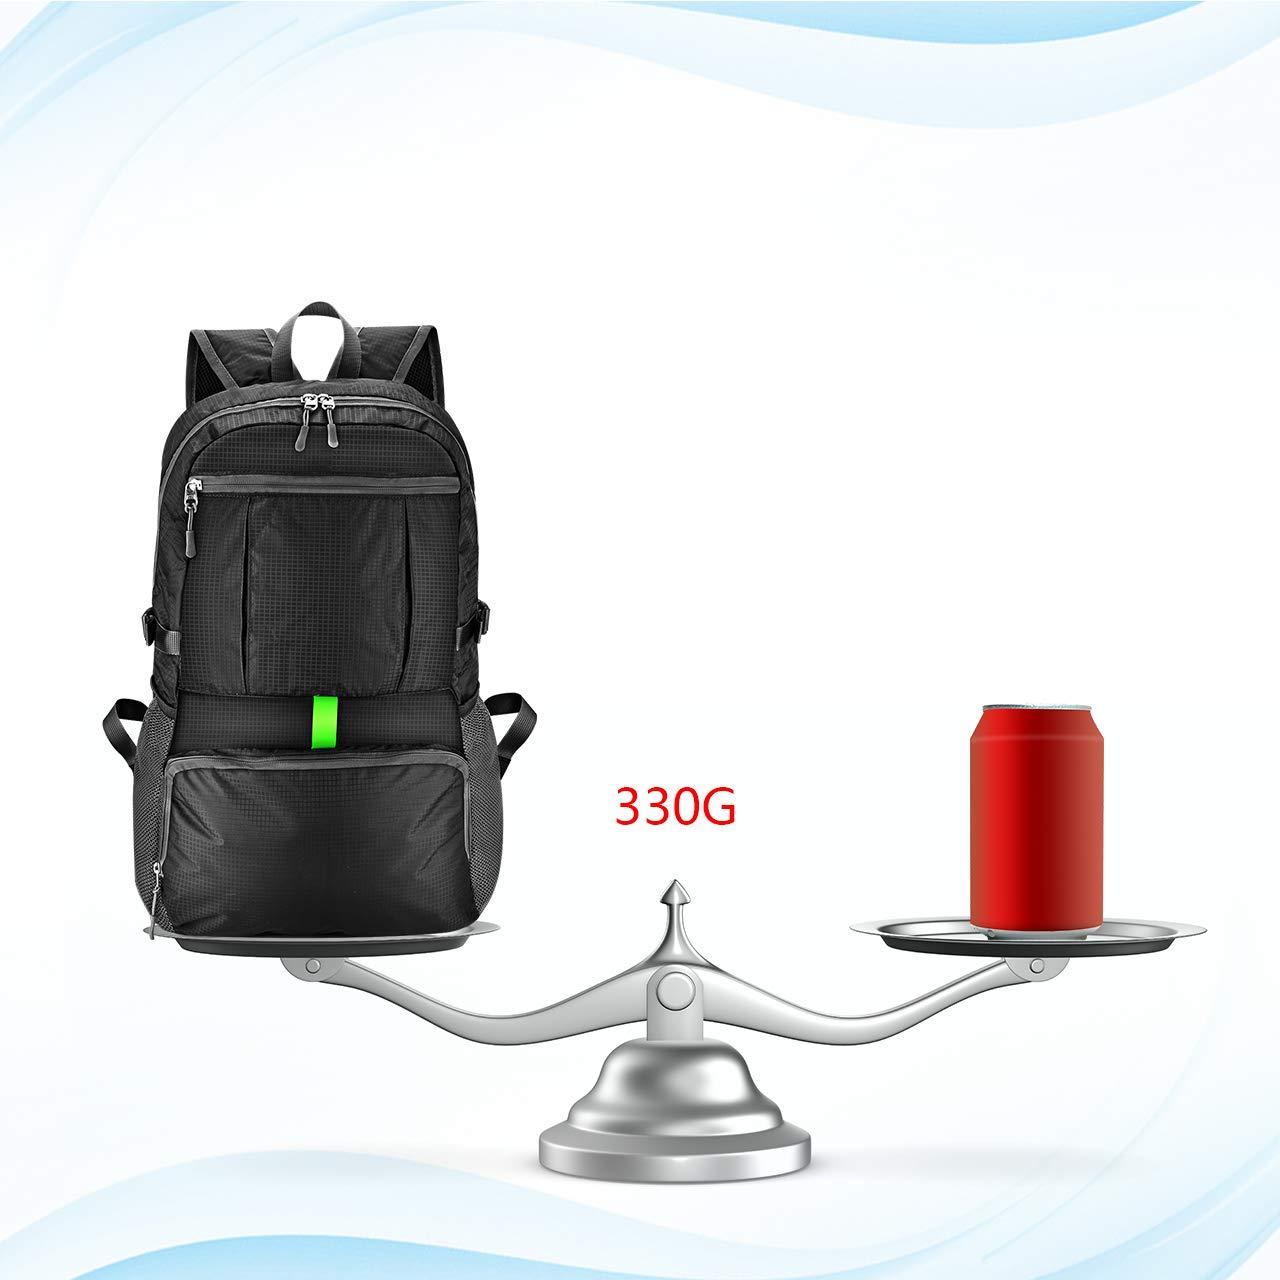 OMORC 30L Sac /à Dos de Randonn/ée Durable Ultra-L/éger Sac /à Dos de Voyage Imperm/éable R/ésistant /à lusure Sac /à Dos Pliable Double Zip Multi-Poche Gris